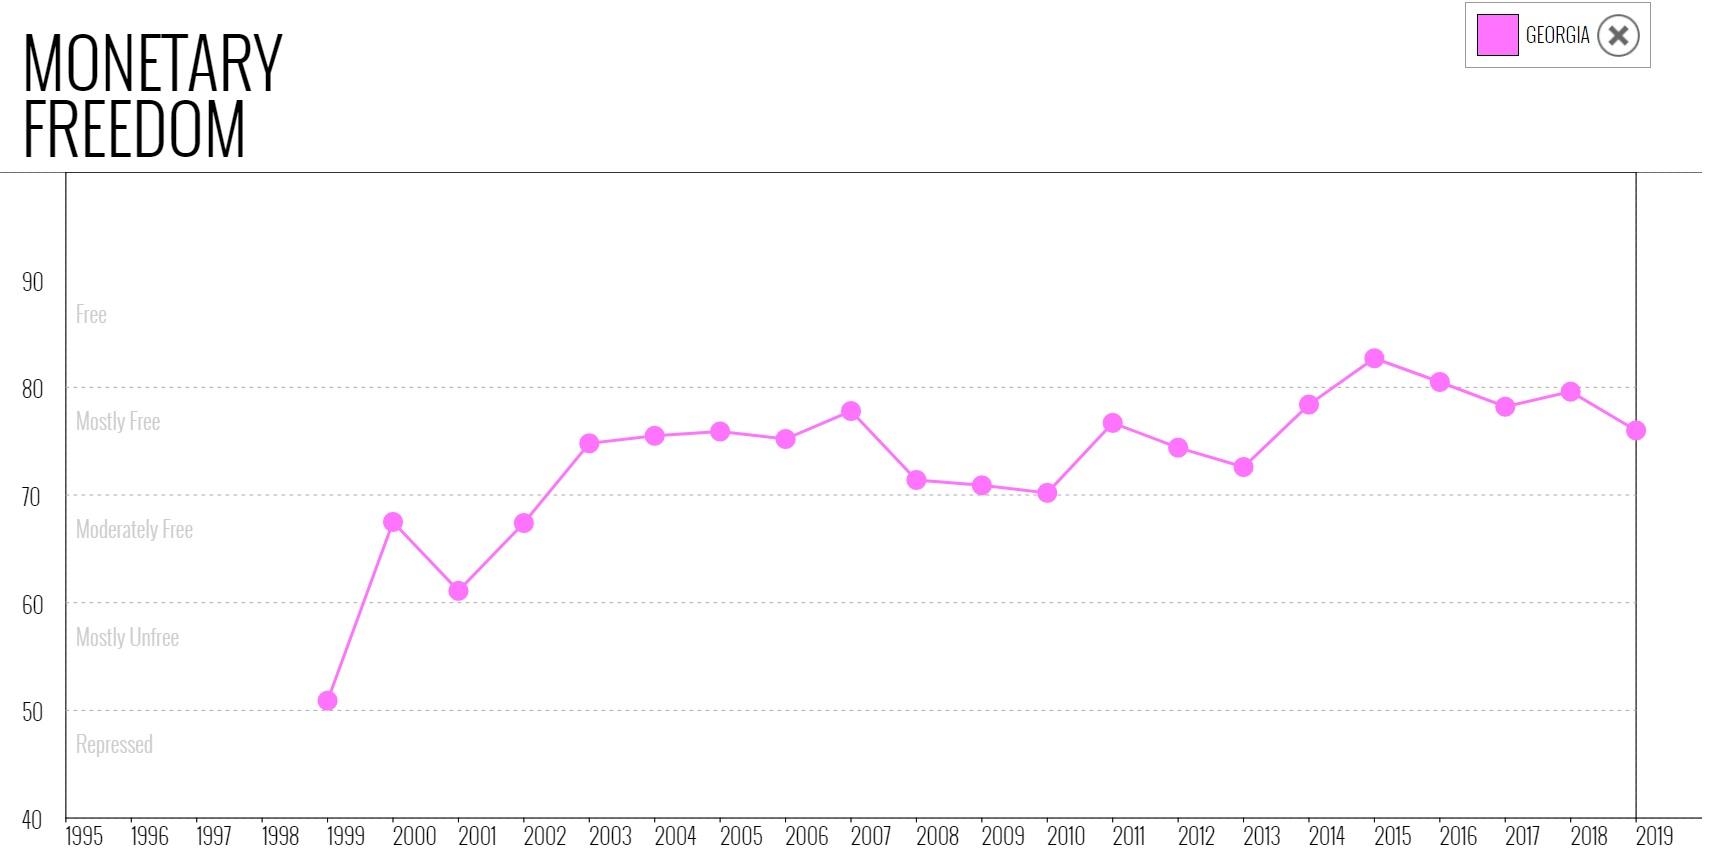 نمودار شاخص موضوع آزادی پولی گرجستان در میان سالهای 1995 تا 2019